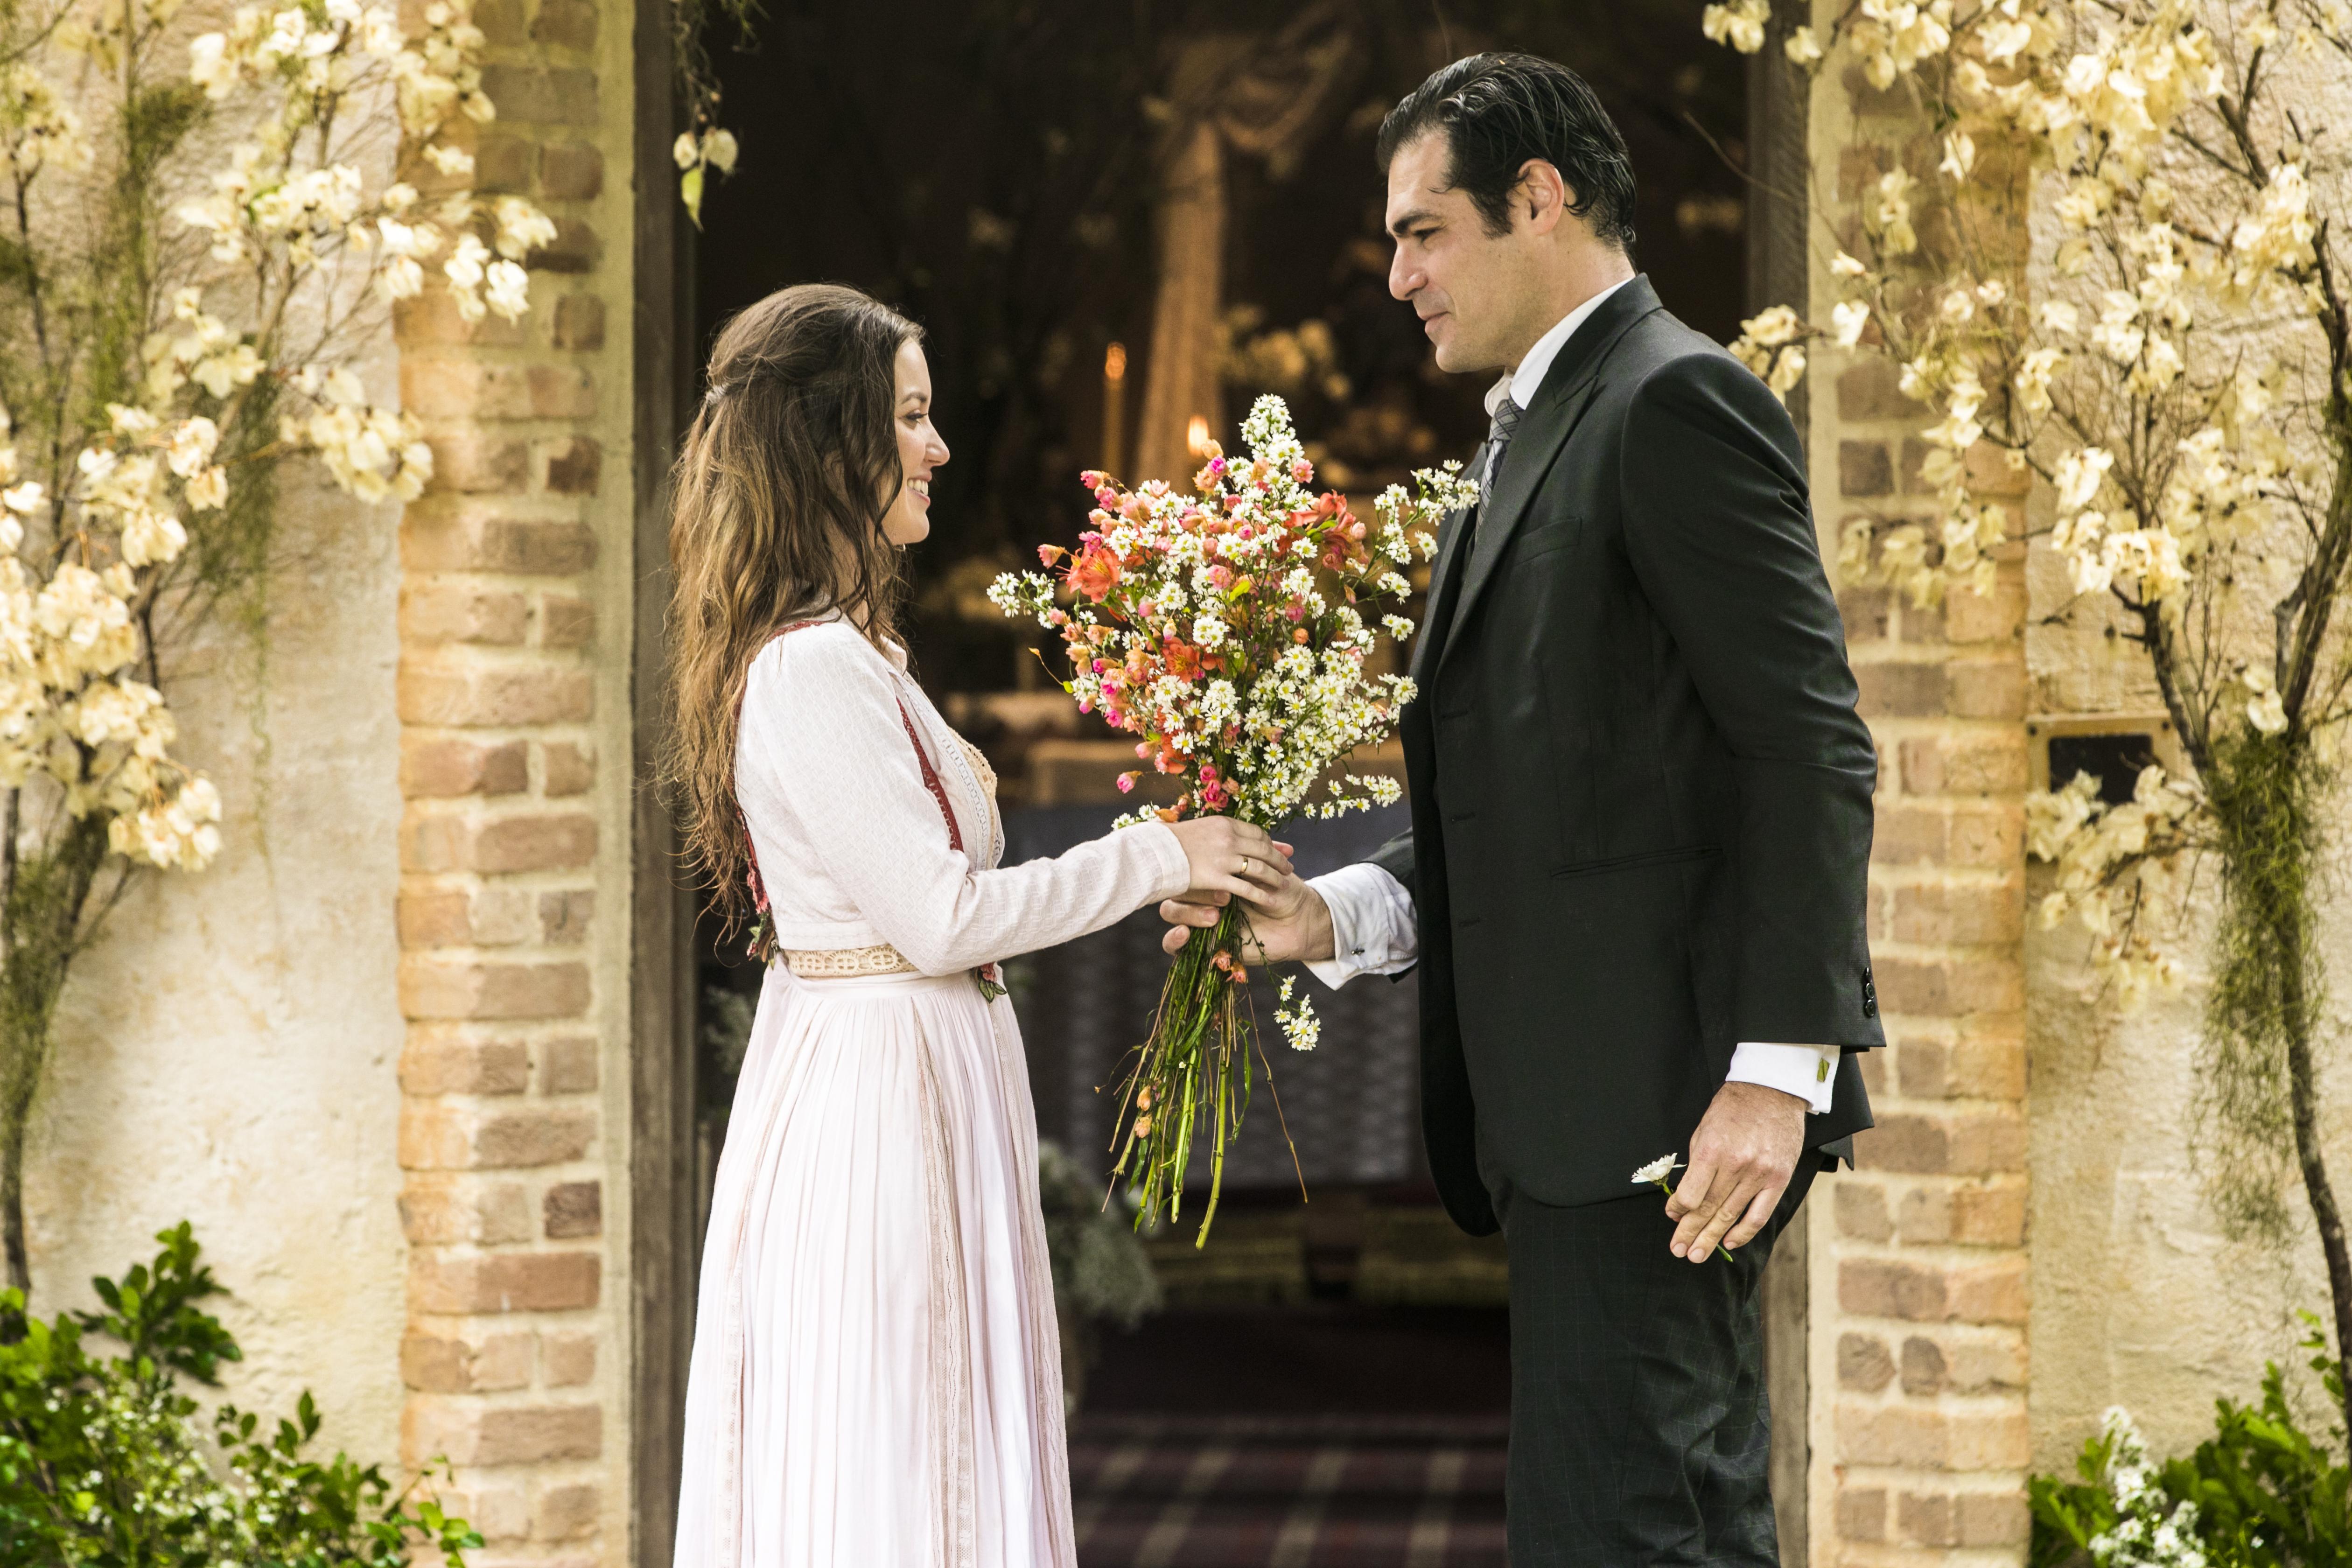 Casamento de Darcy (Thiago Lacerda) e Elisabeta (Nathalia Dill)